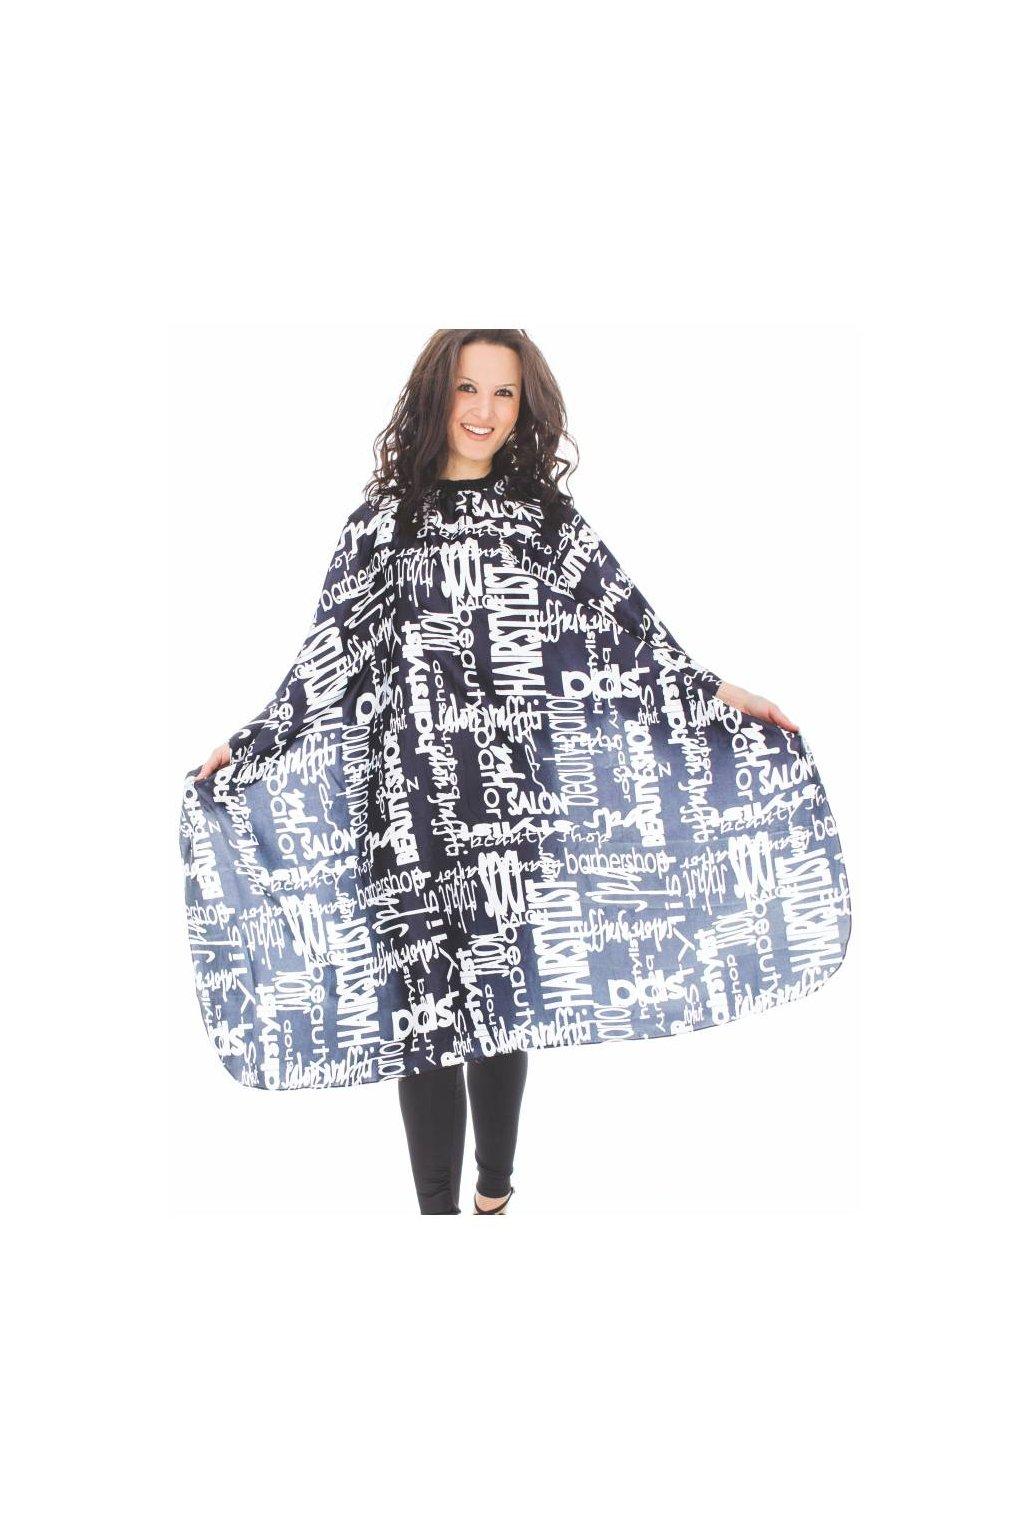 Kadeřnický plášť FANTASIA WRITTEN na stříhání vzor bílé texty na černém pozadí 125x145cm